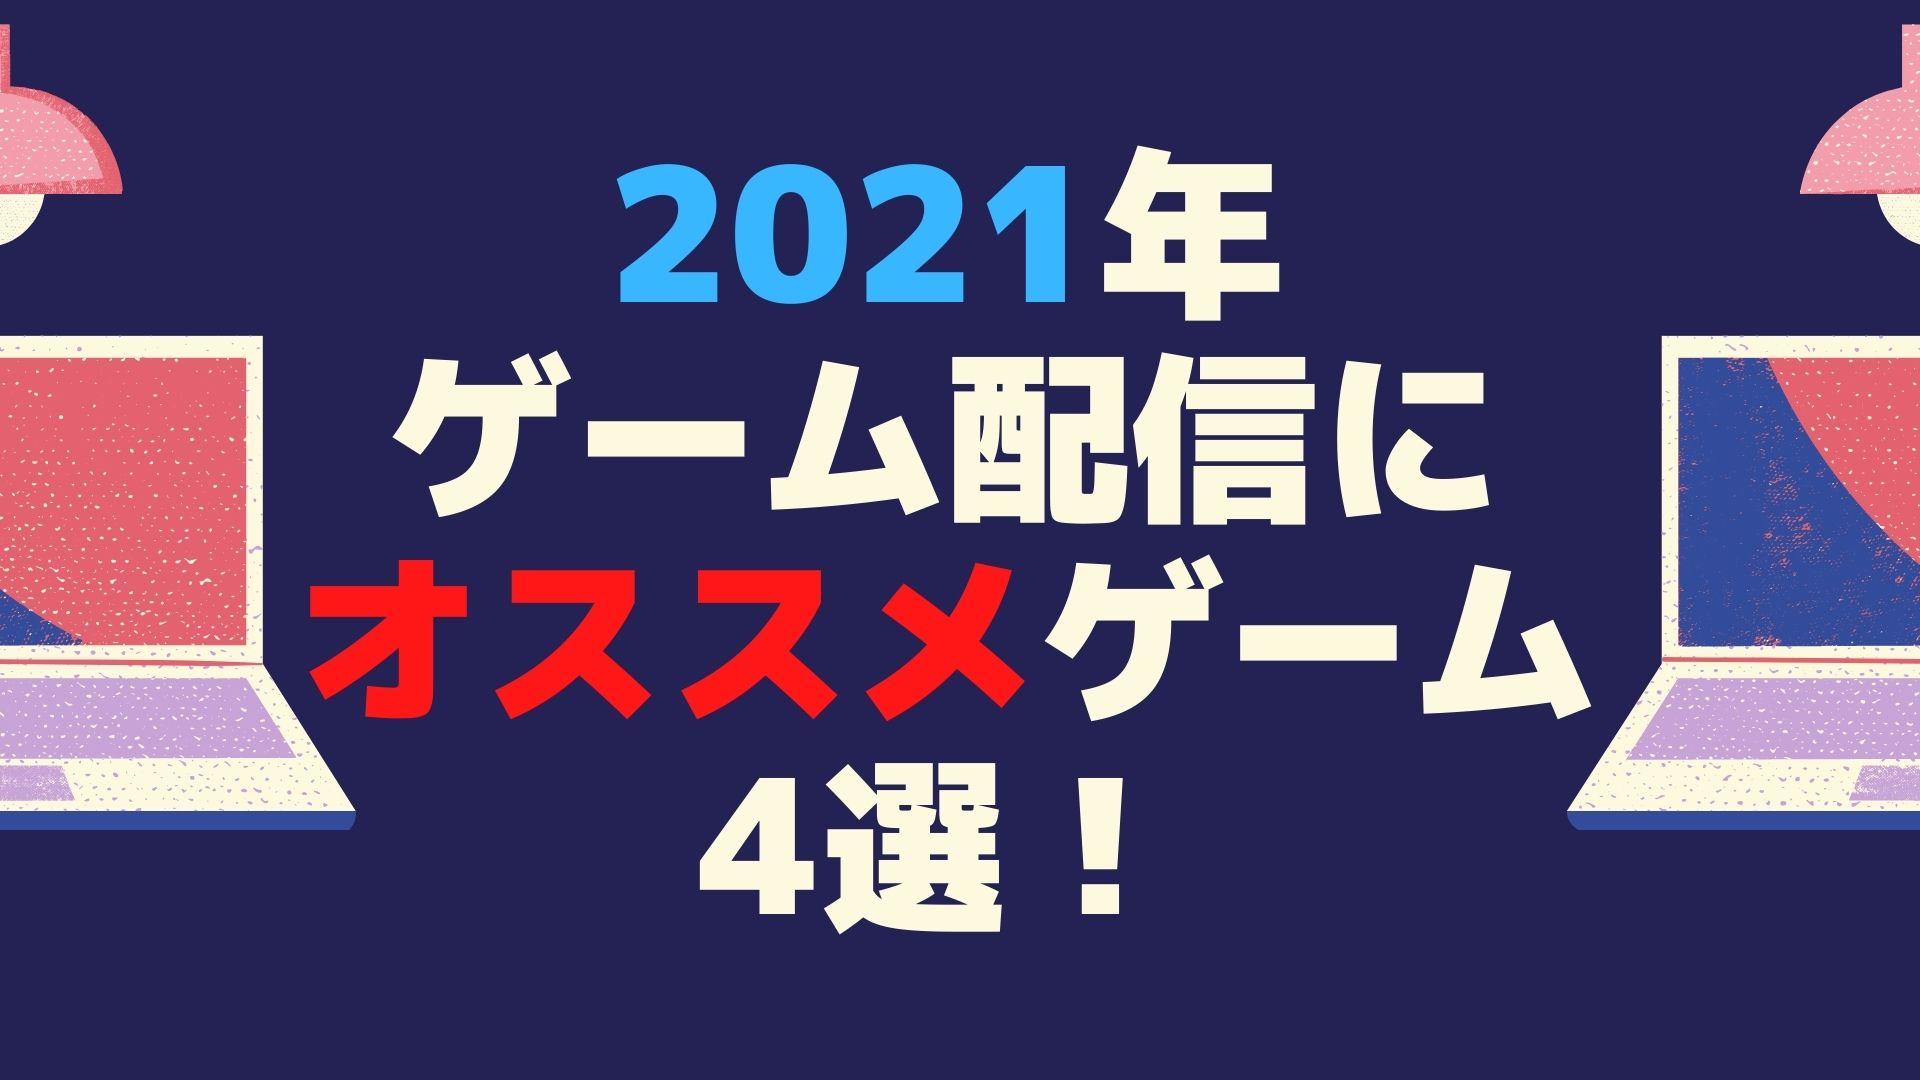 2021年ゲーム配信にオススメゲーム4選!